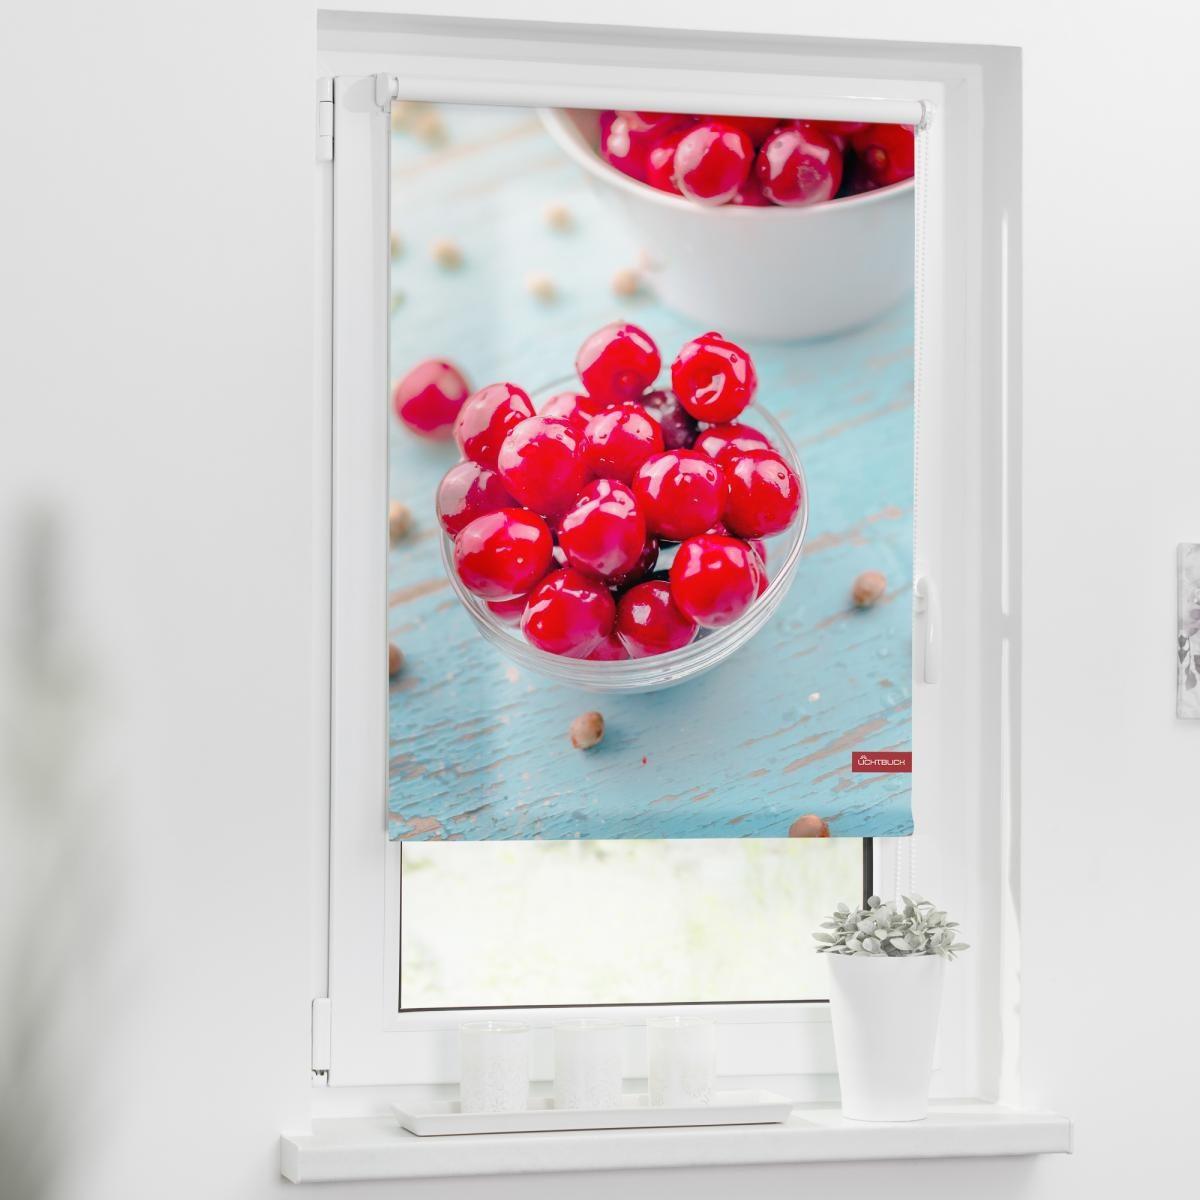 Bild 2 von Lichtblick Rollo Klemmfix, ohne Bohren, blickdicht, Kirschen - Rot, 60 x 150 cm (B x L)